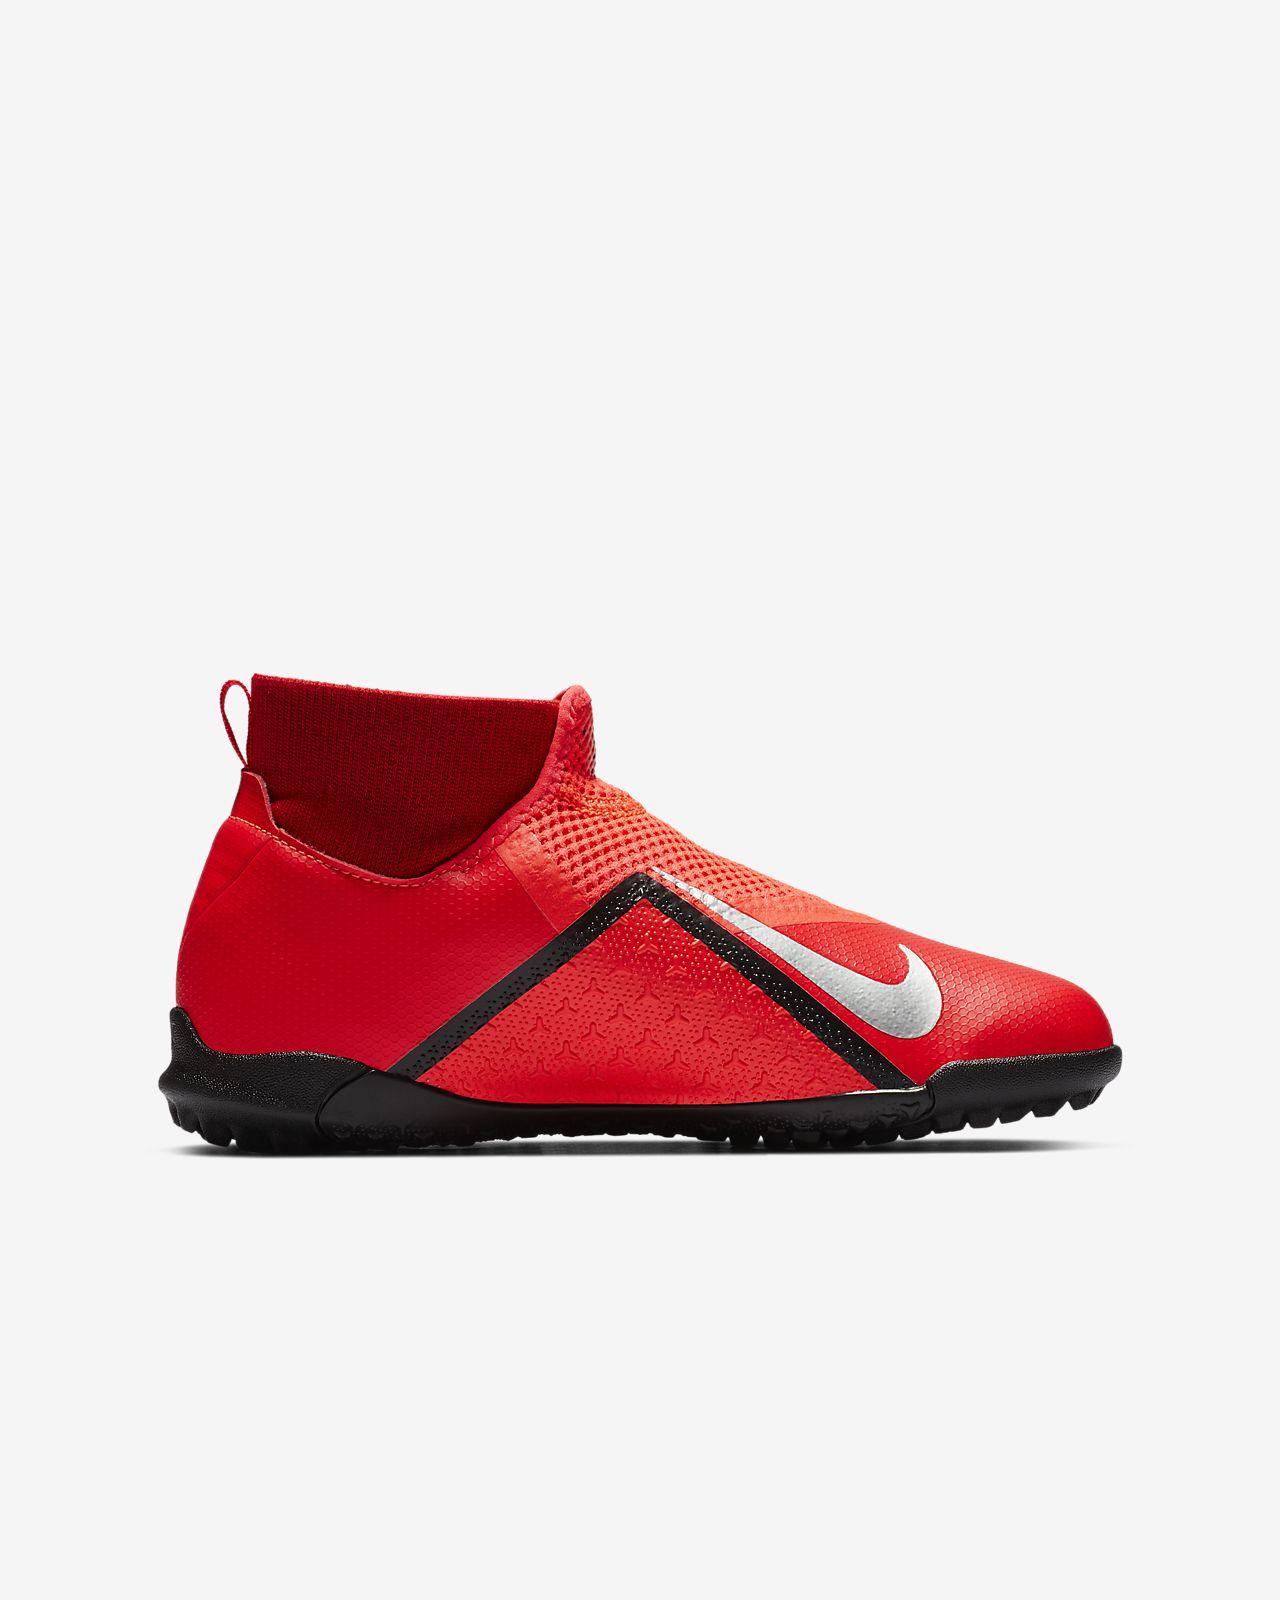 premium selection f1965 d6481 ... Fotbollssko för grus turf Nike Jr. Phantom Vision Academy Dynamic Fit  för barn